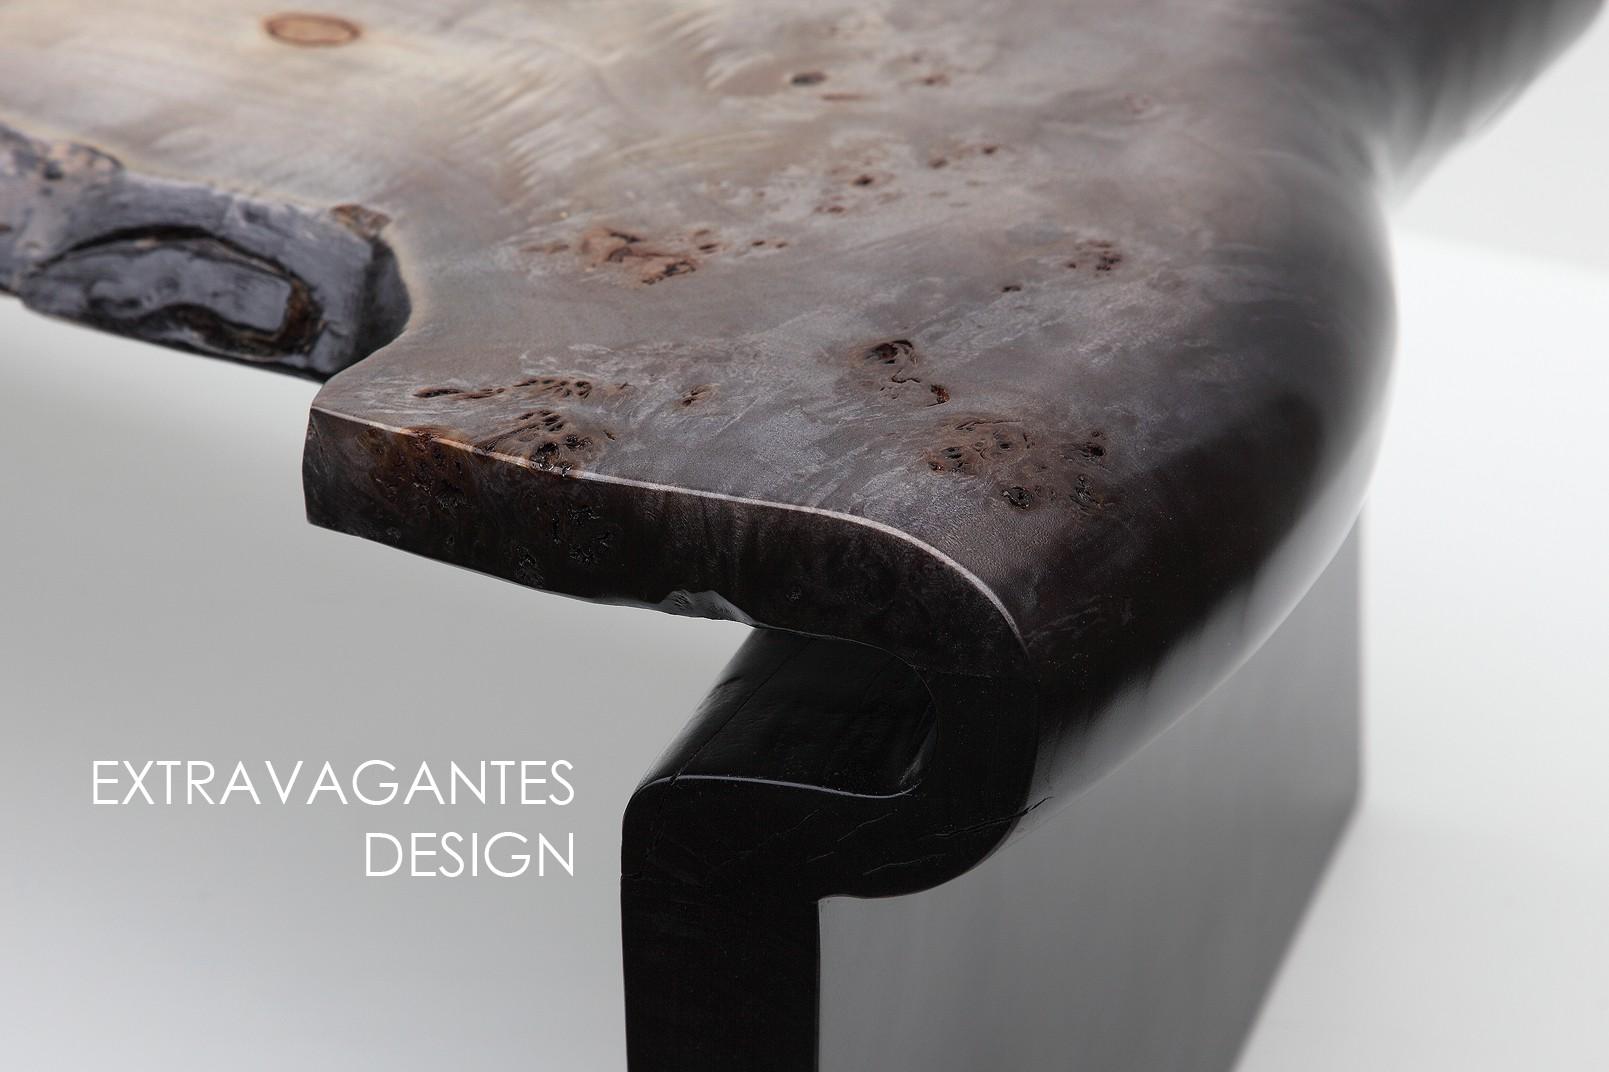 Extravagantes Design